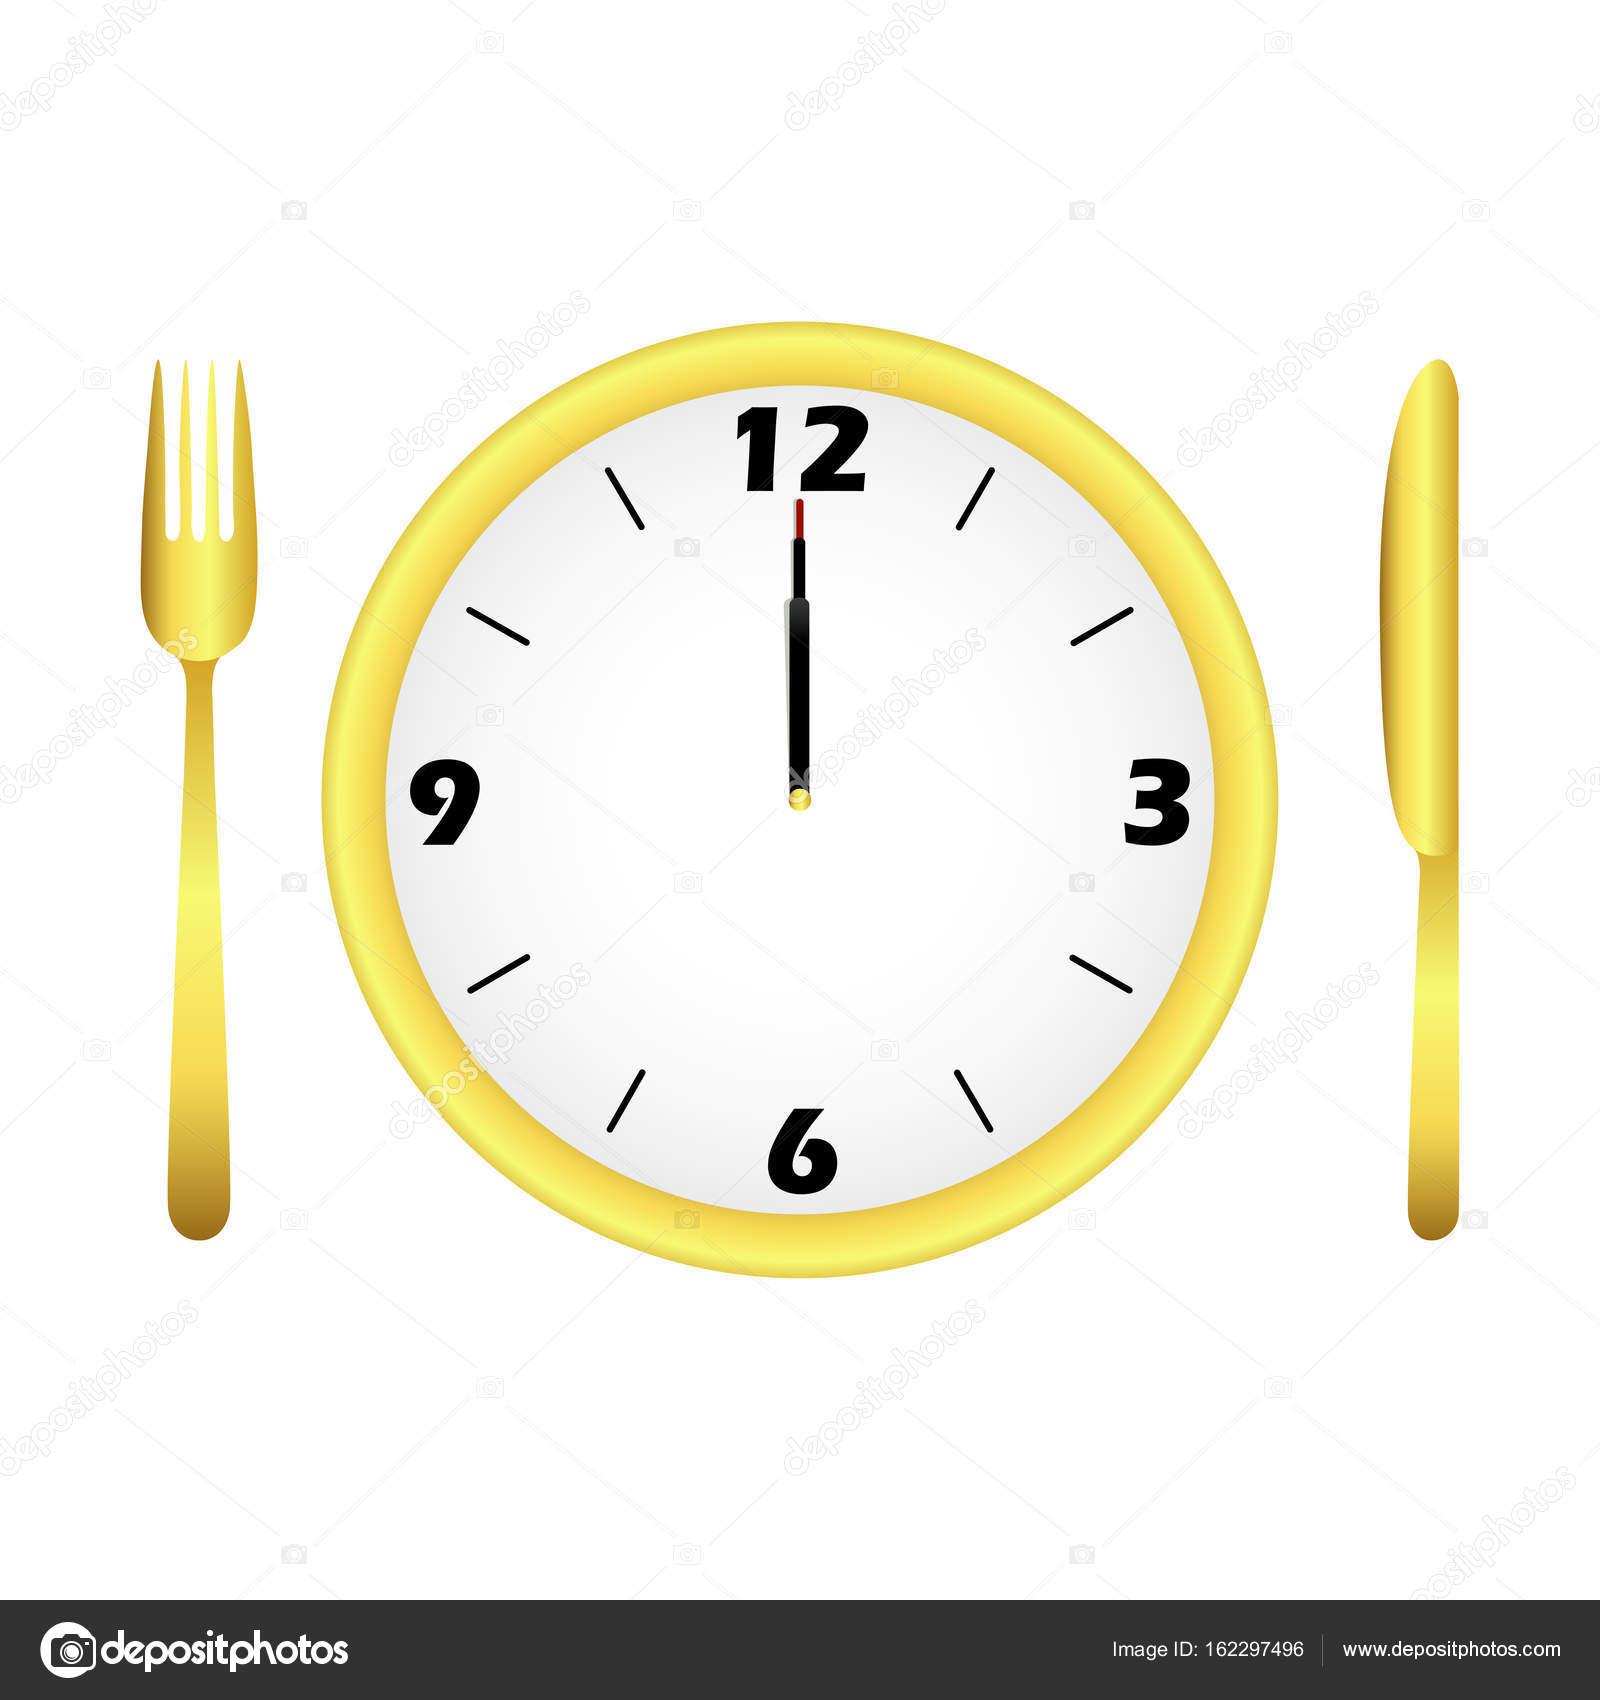 ランチ時間の概念。ベクトル時間を示すダイニング セットアップの